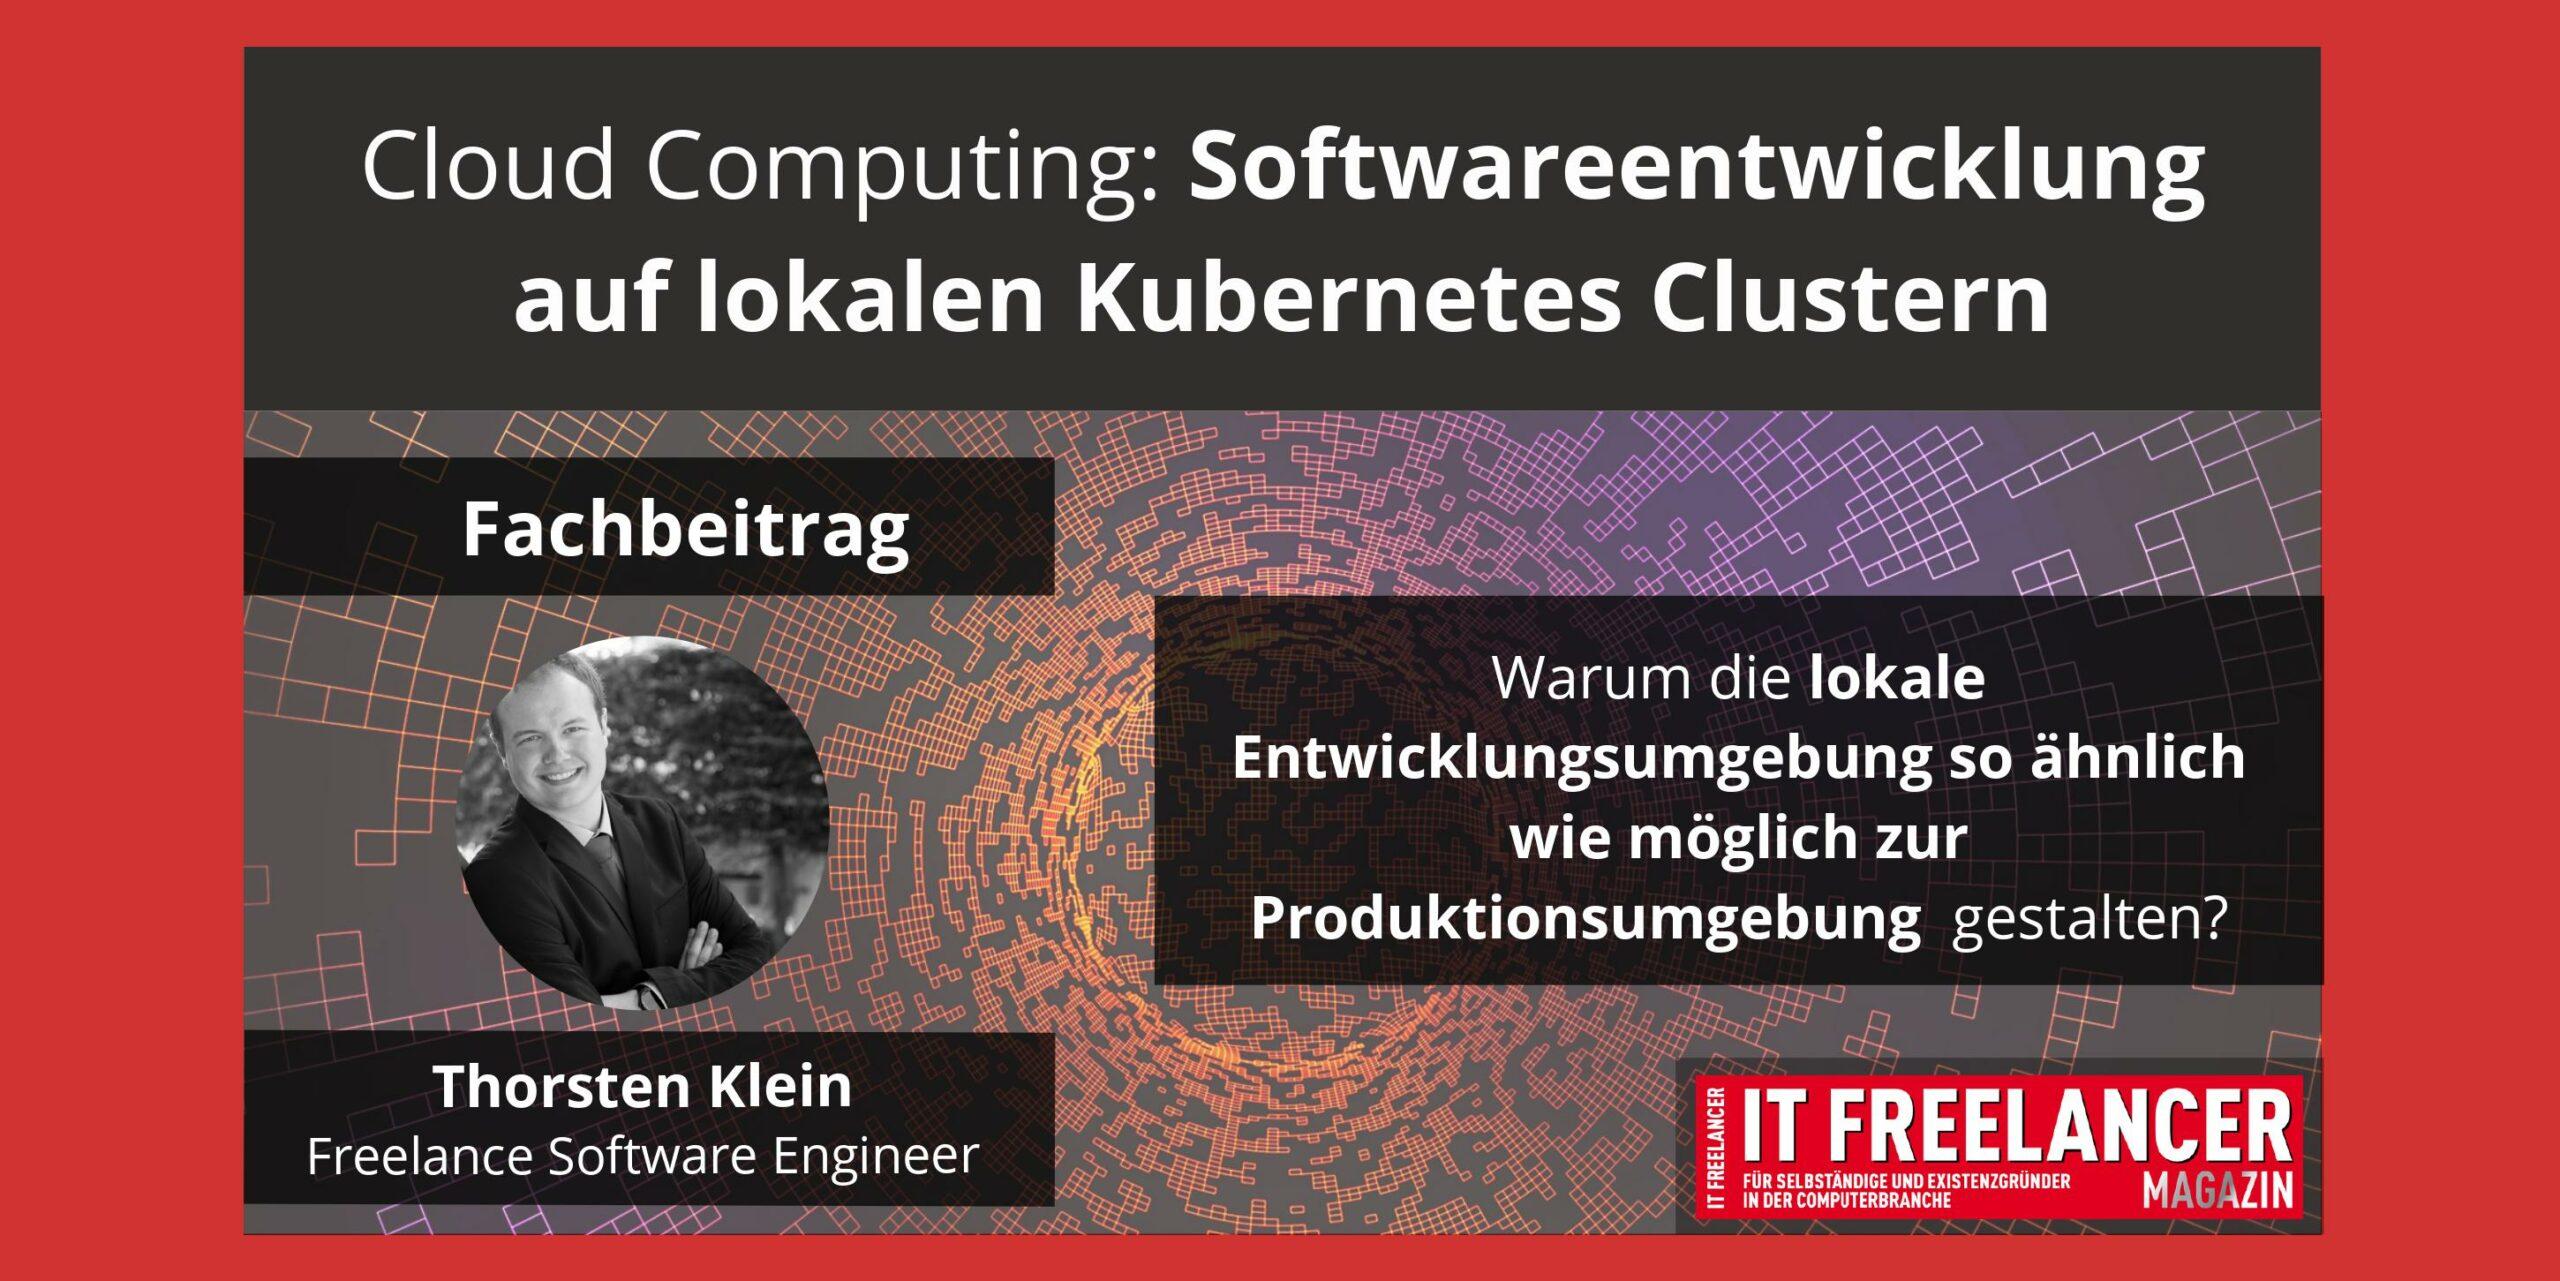 Softwareentwicklung auf lokalen Kubernetes Clustern